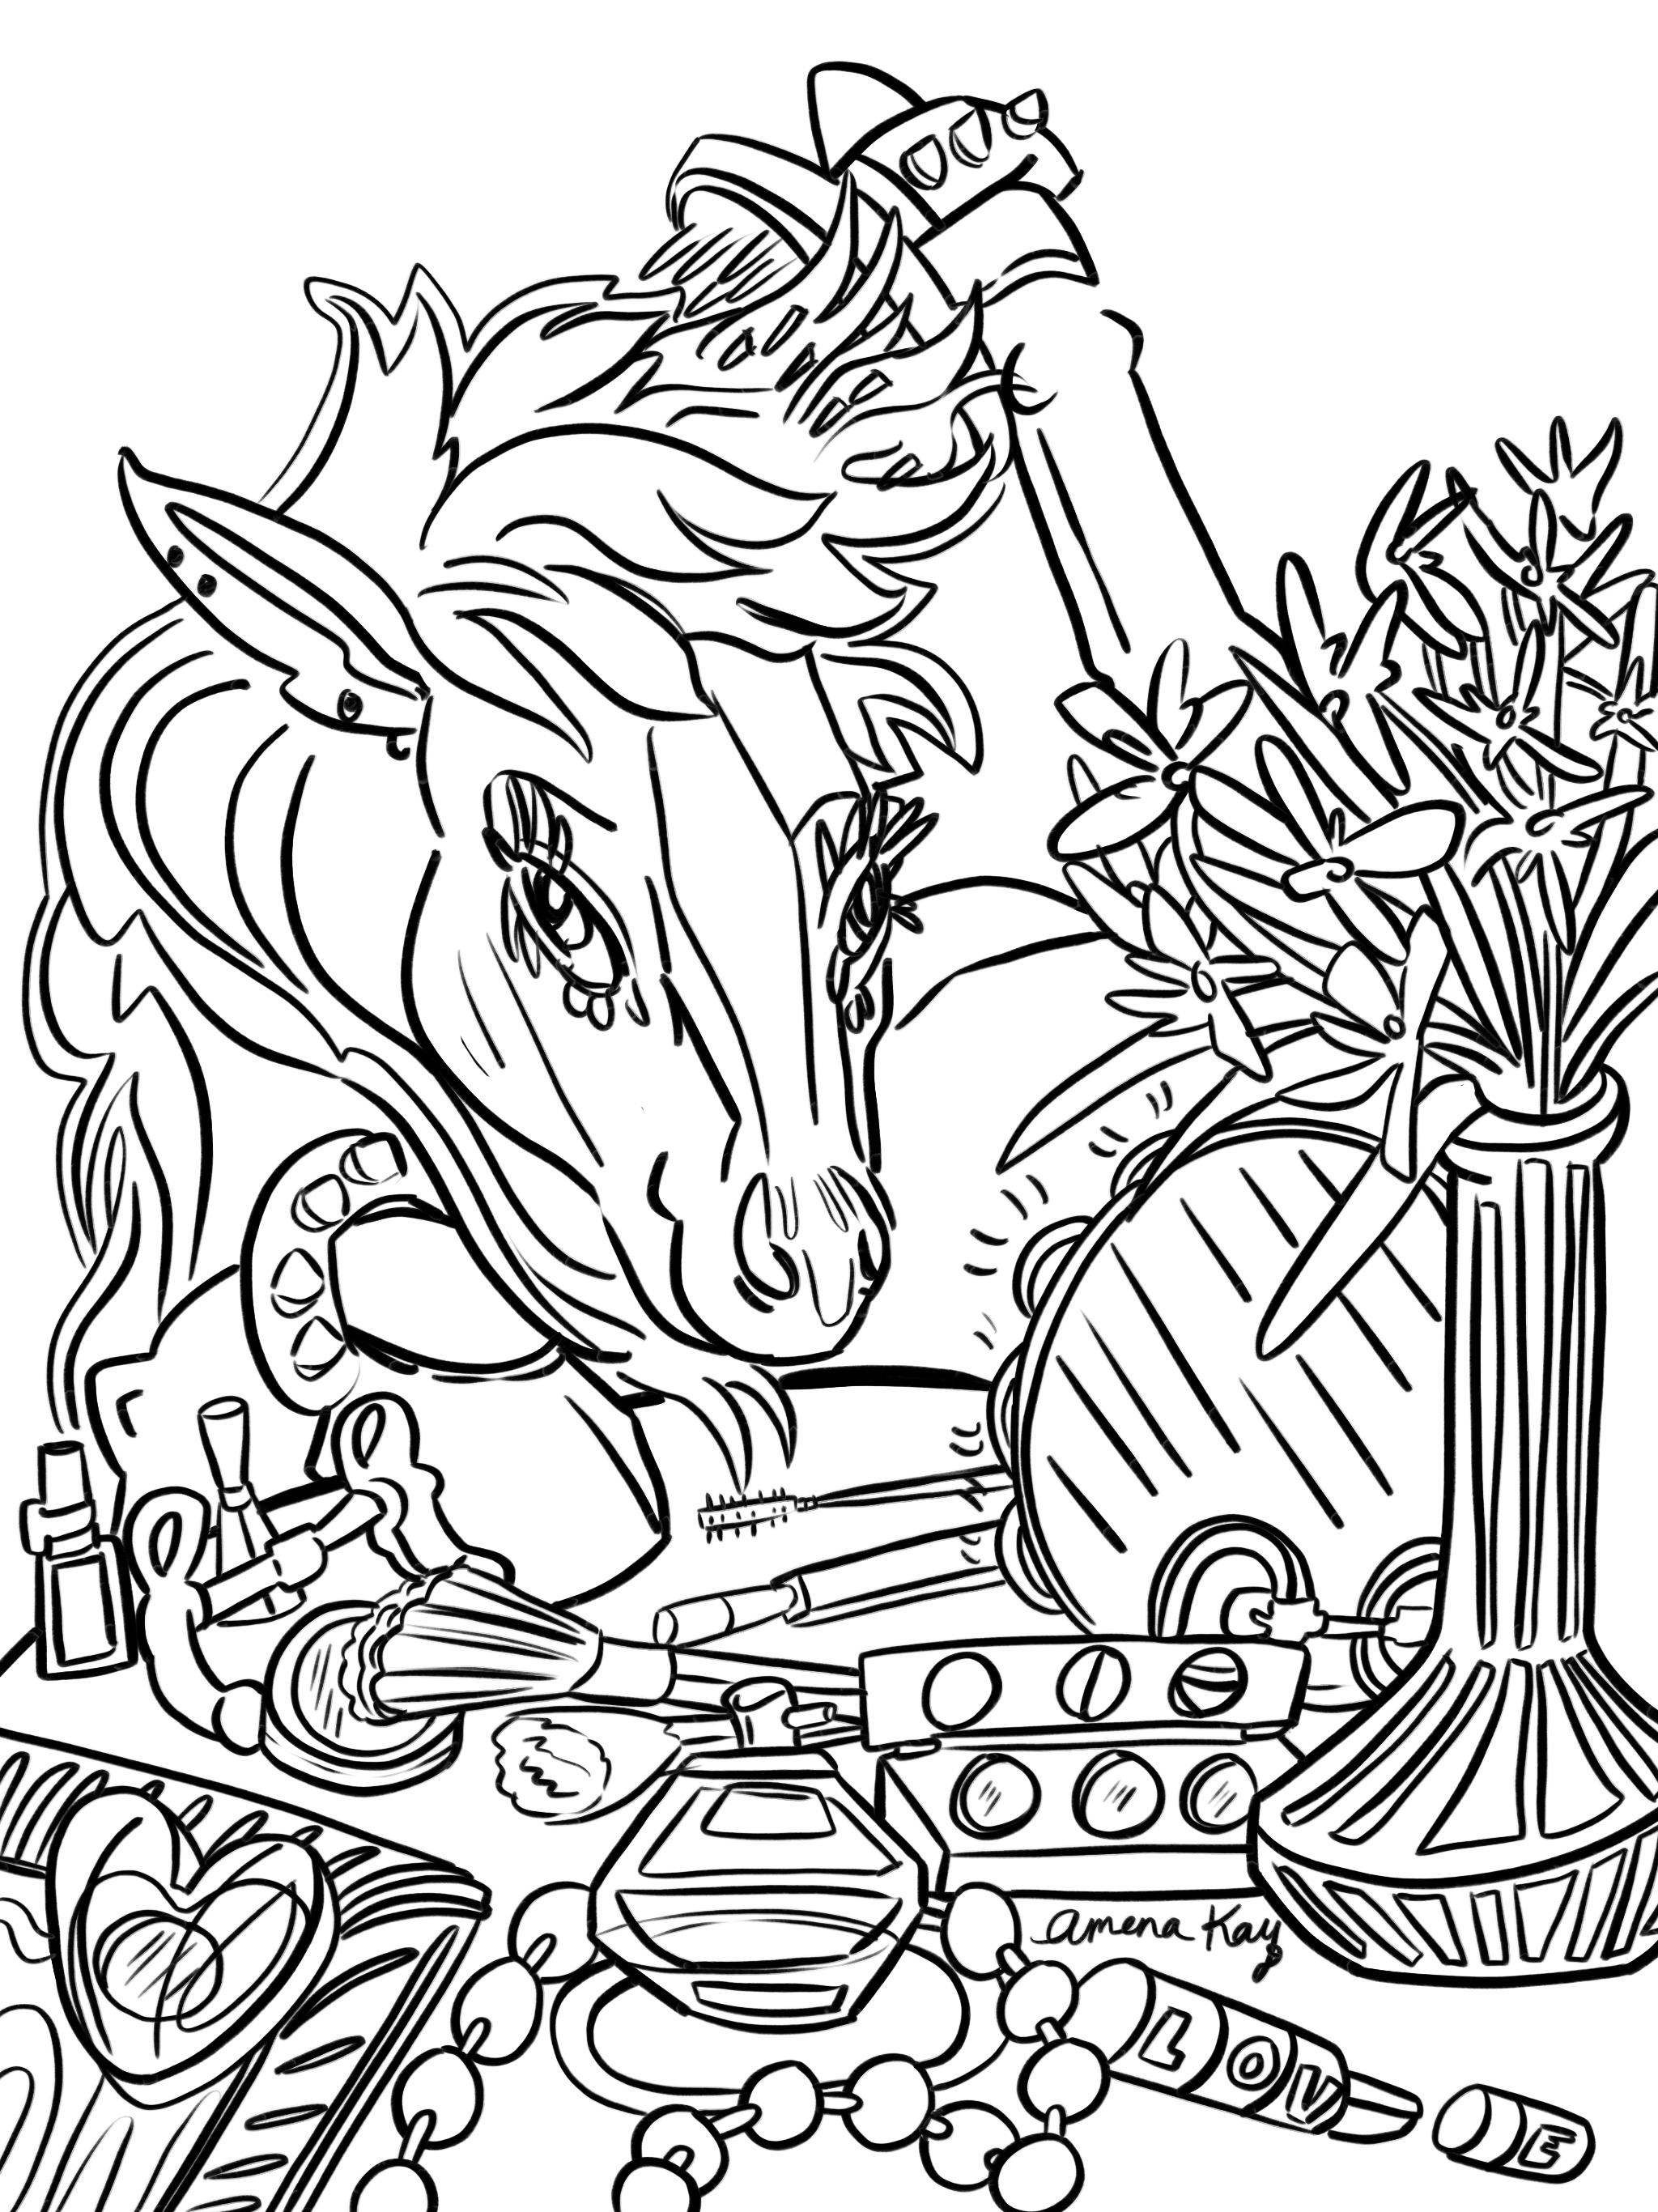 Cetus coloring #1, Download drawings